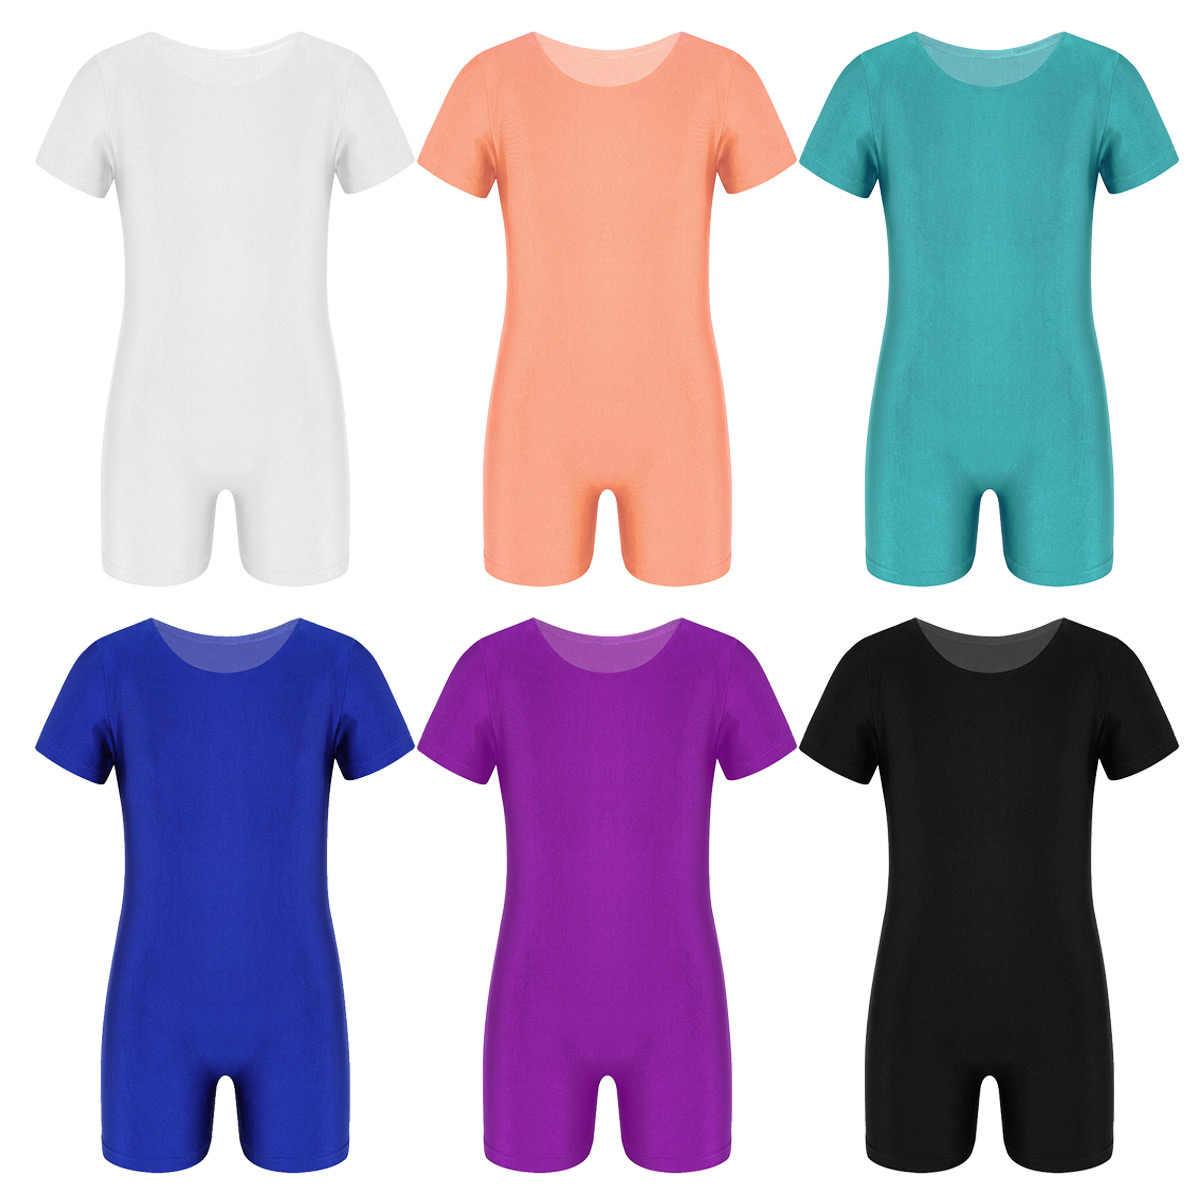 Anak-anak Anak-anak Gadis Balet Tari Senam Leotard Bodysuit Lengan Pendek Jumpsuit Unit Trust Renang Gym Penari Kompetisi Kostum